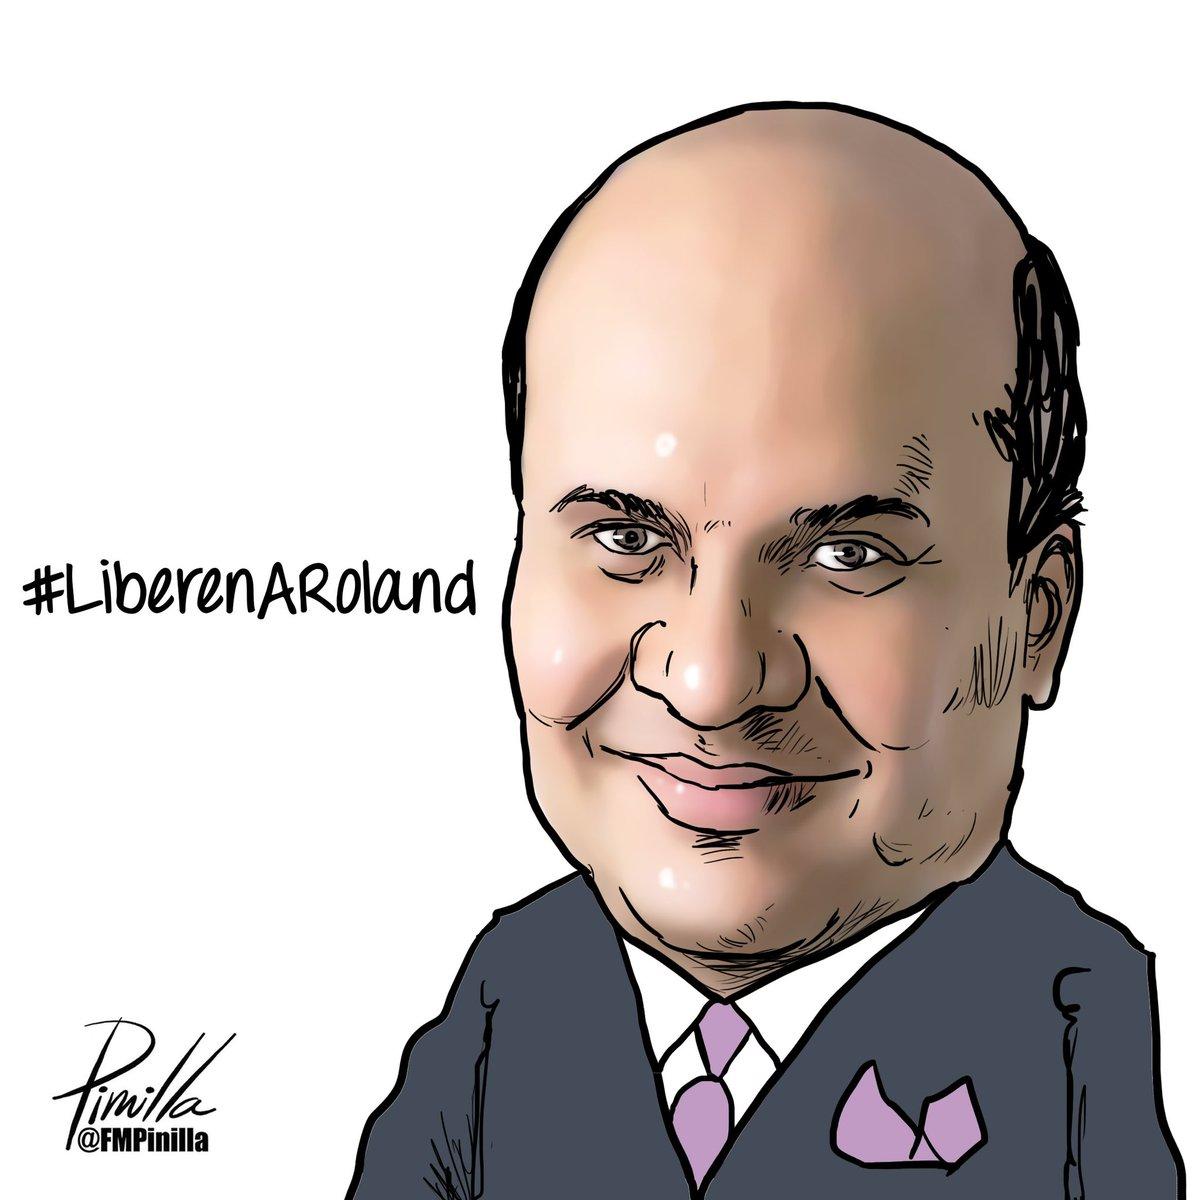 #LiberenARoland!! @rolandcarreno #rolandcarreno #Venezuela https://t.co/mfyRSePCd3